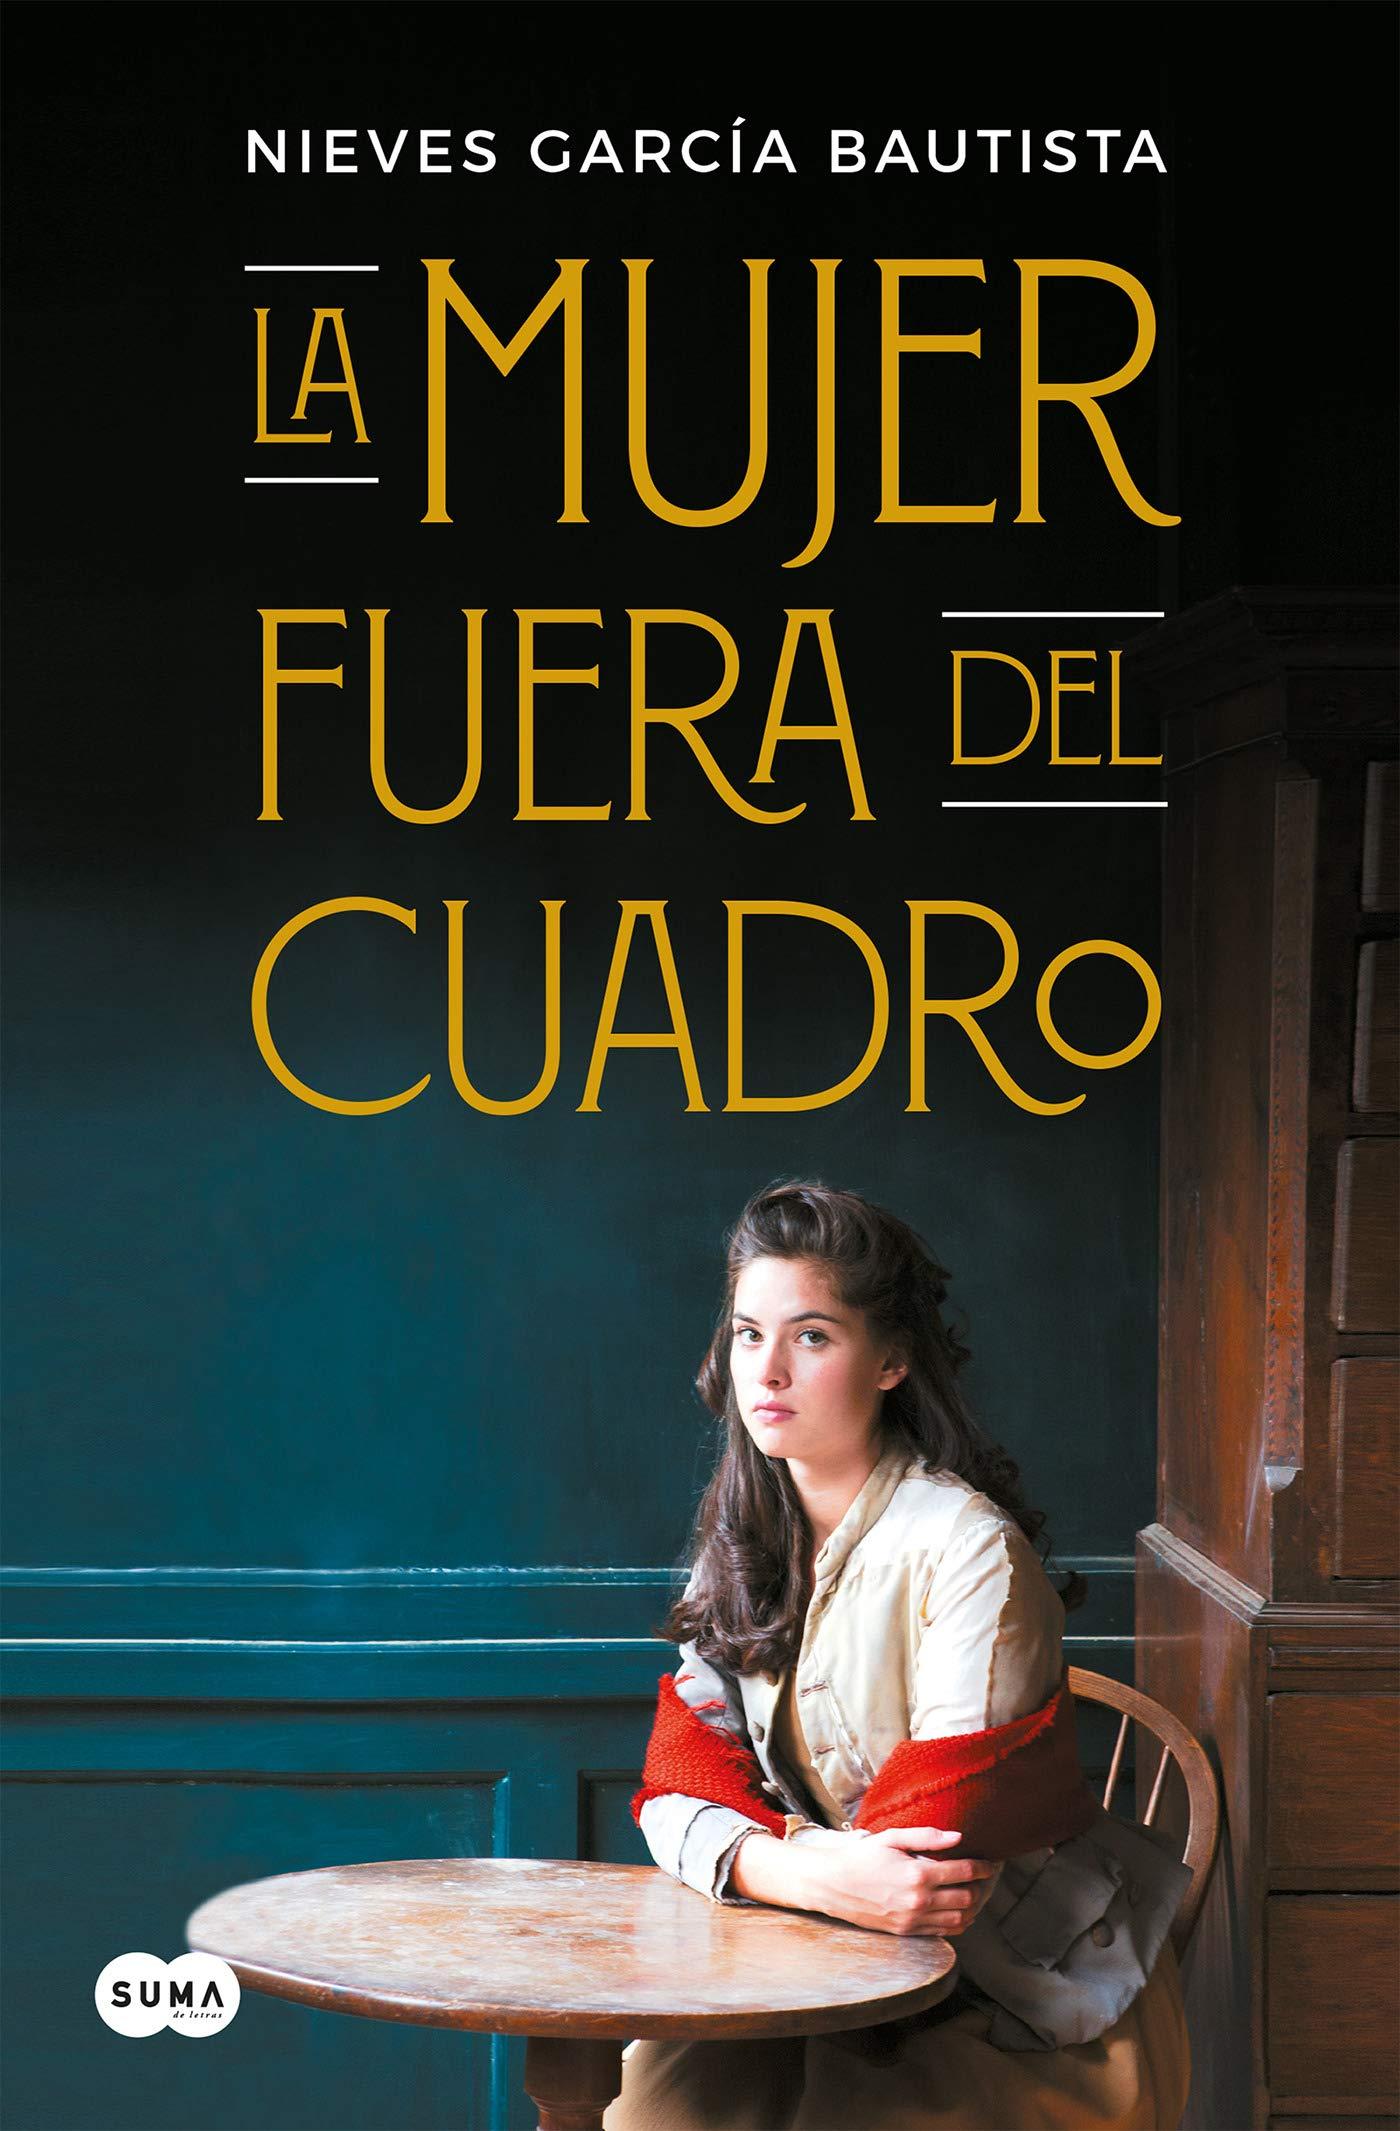 La mujer fuera del cuadro (Femenino singular): Amazon.es: García Bautista, Nieves: Libros